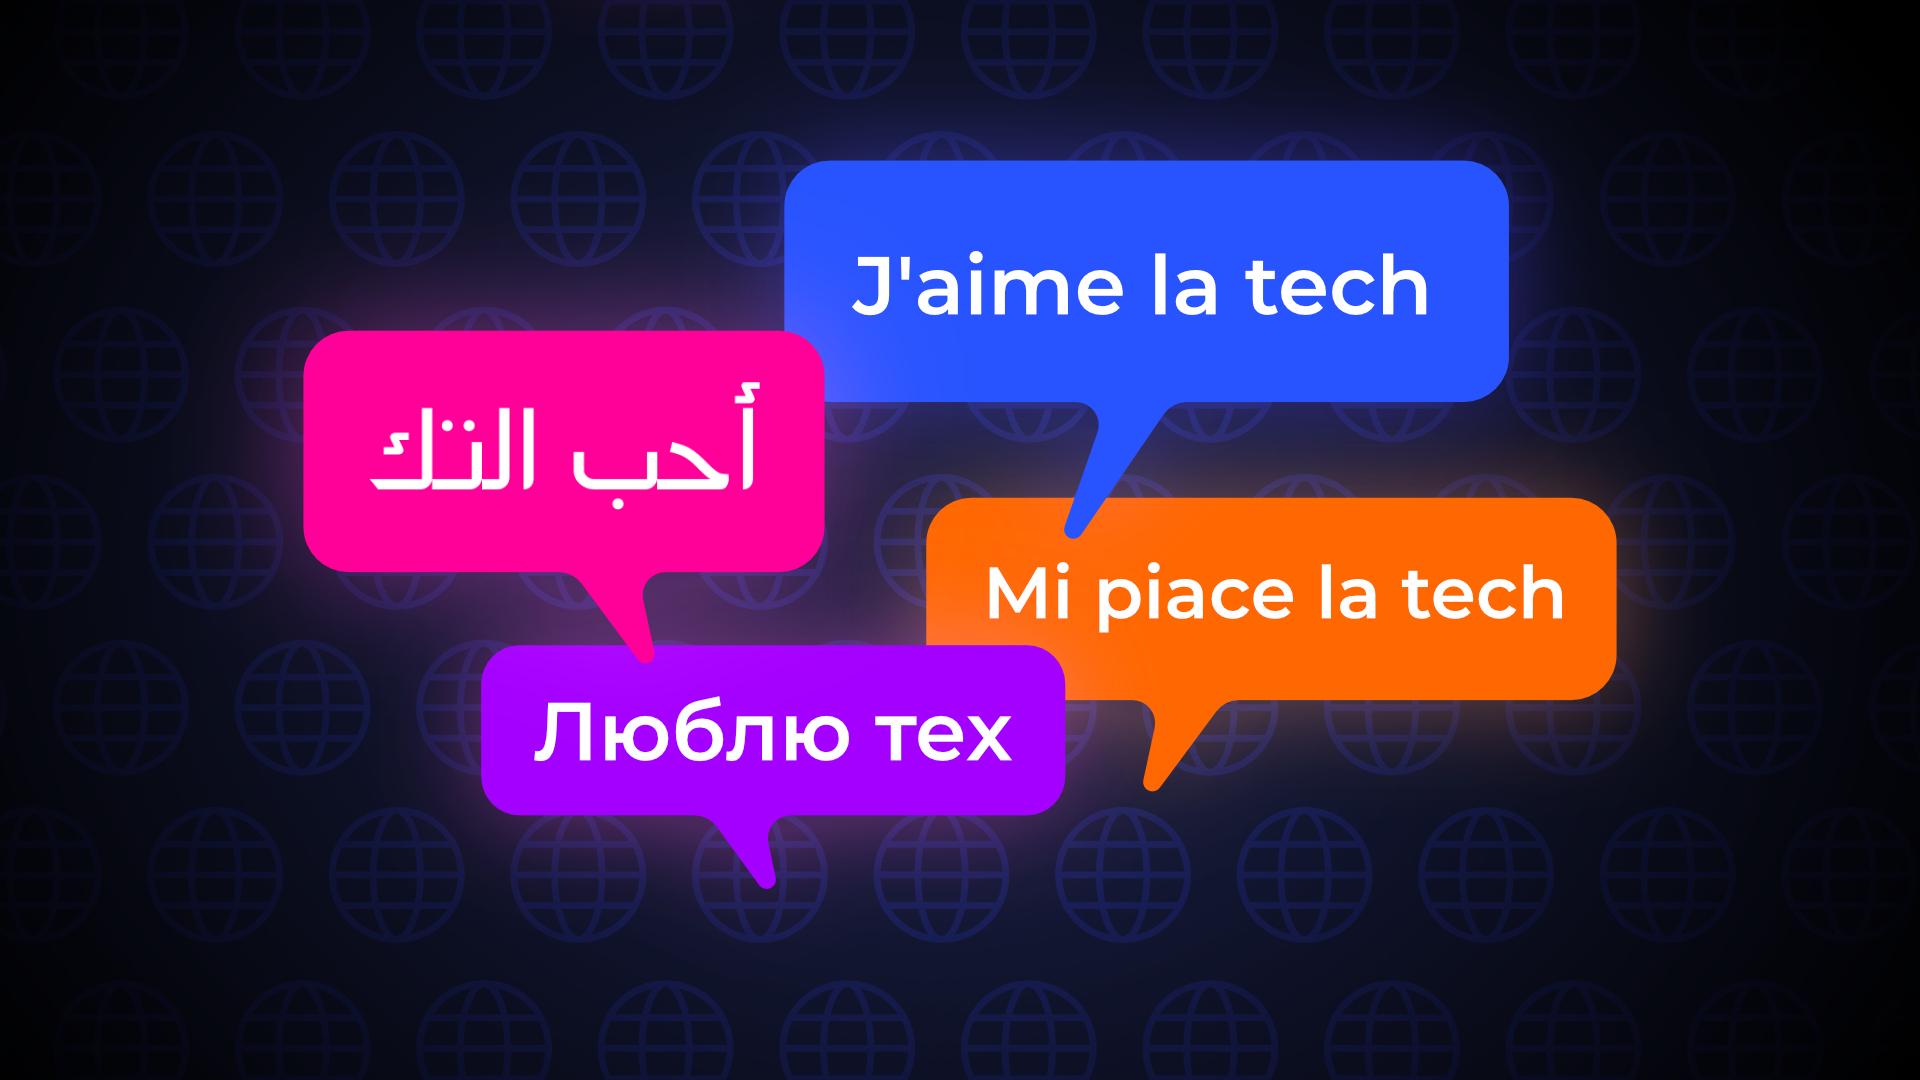 Les Meilleures Applications Pour Apprendre Une Langue avec Apprendre Le Russe Facilement Gratuitement